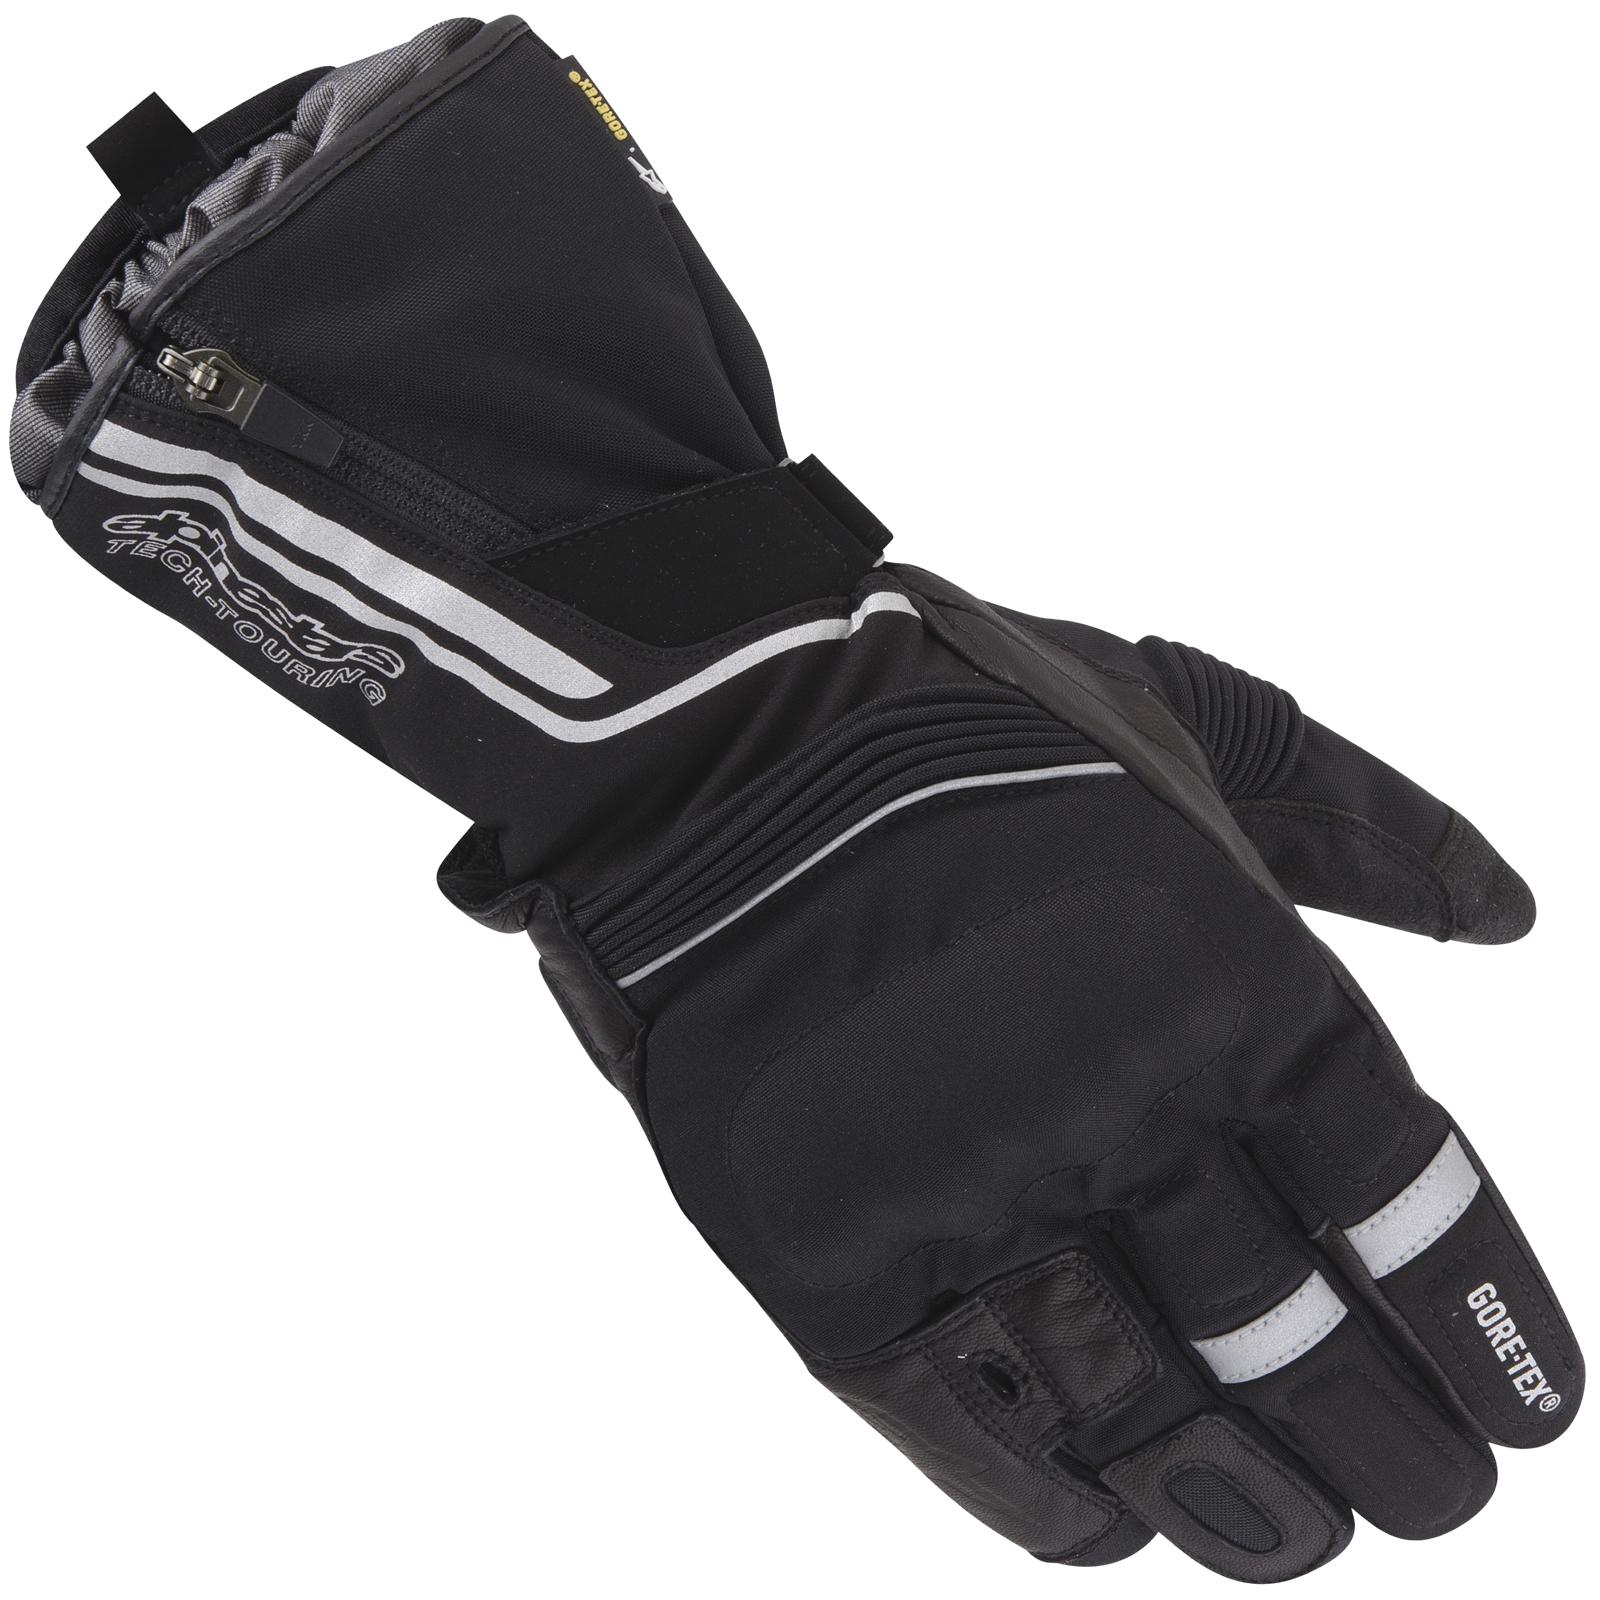 motorrad handschuhe wasserdicht gore tex jedes wetter. Black Bedroom Furniture Sets. Home Design Ideas